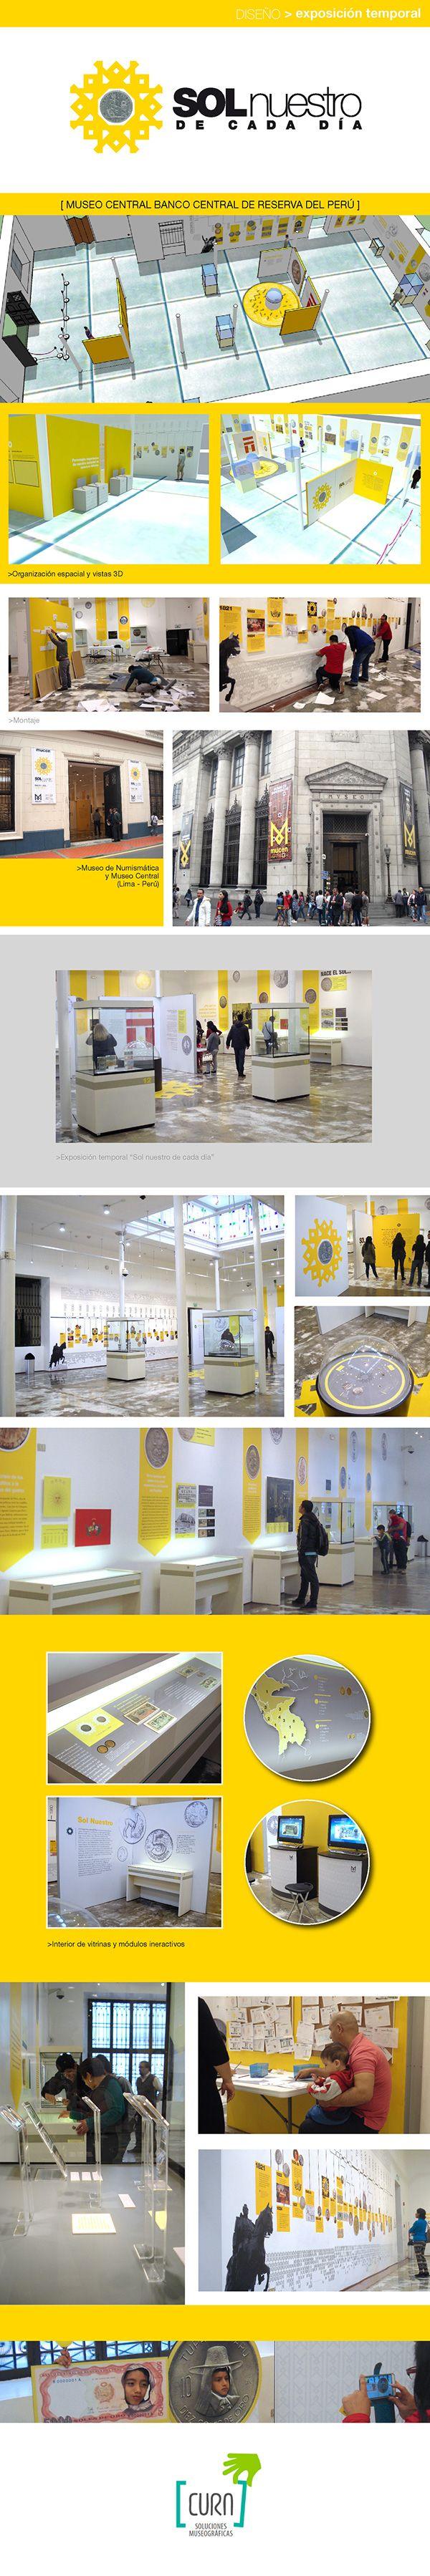 Diseño museográfico exposición SOL NUESTRO DE CADA DÍA, Mucen. Lima - Perú. Cura Soluciones Museográficas